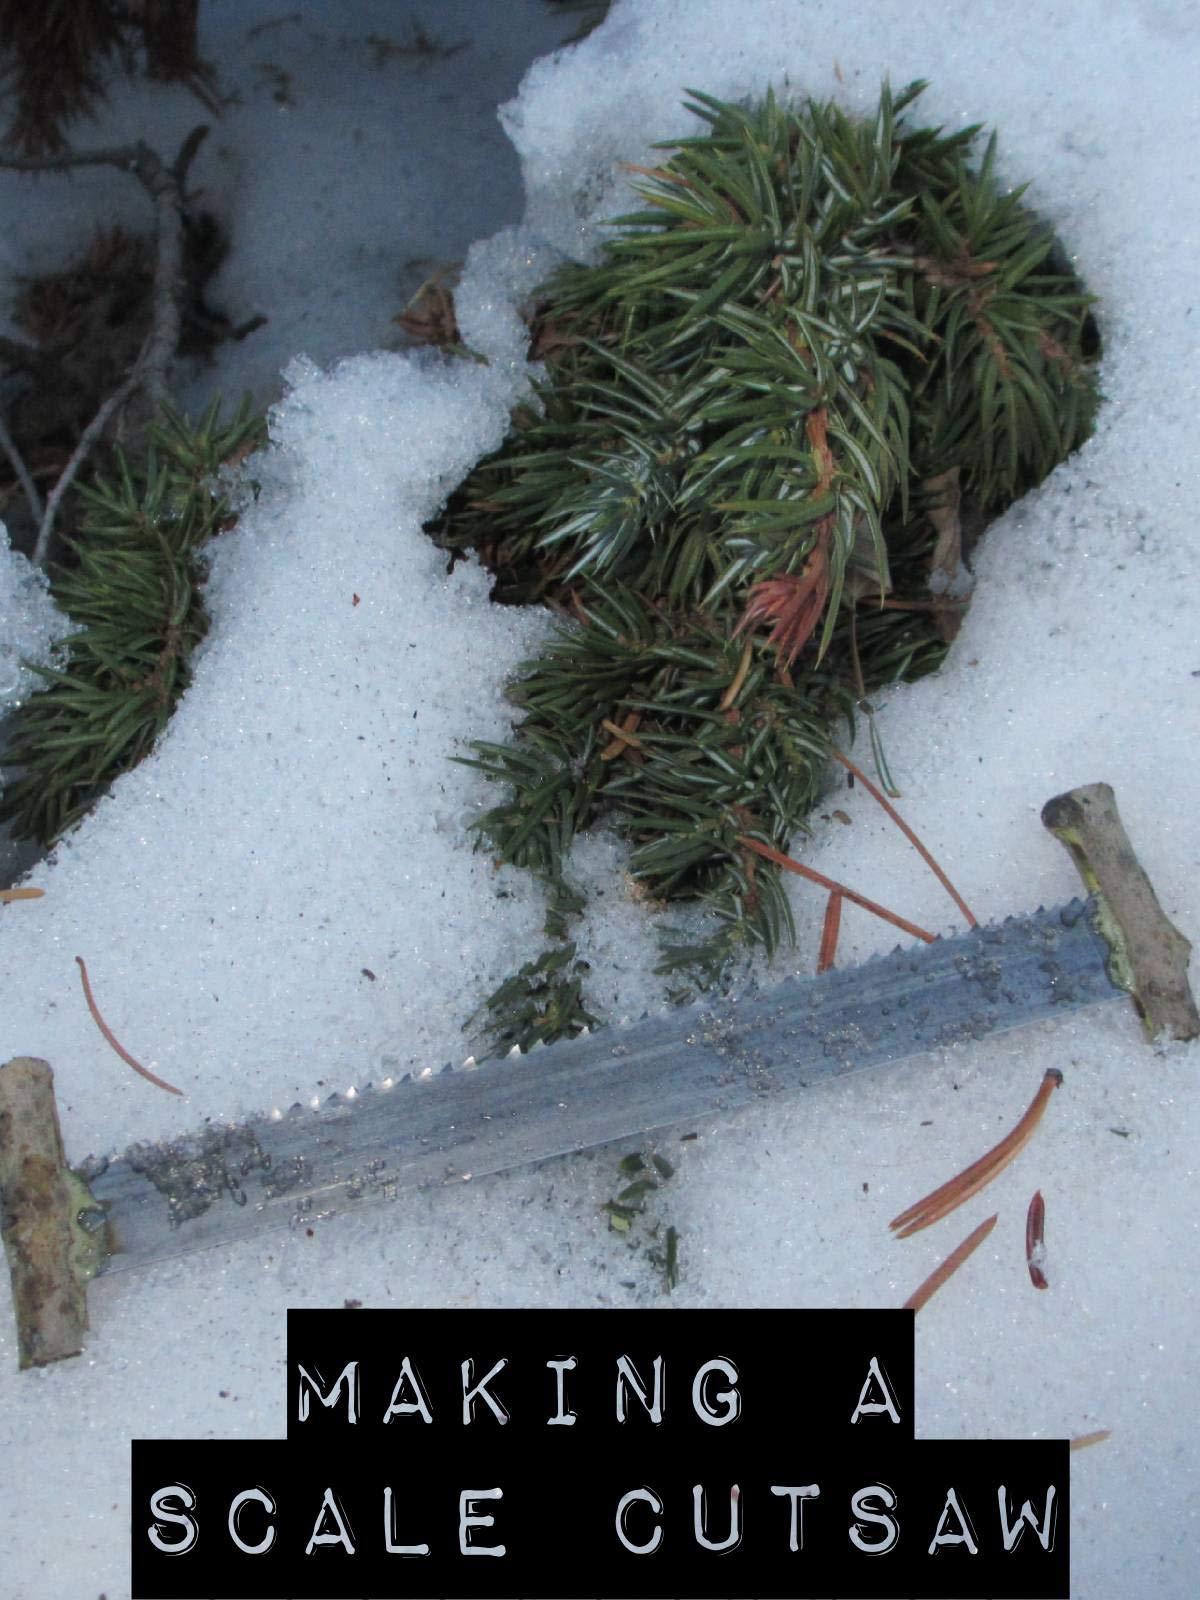 Clip: Making a Scale Cutsaw